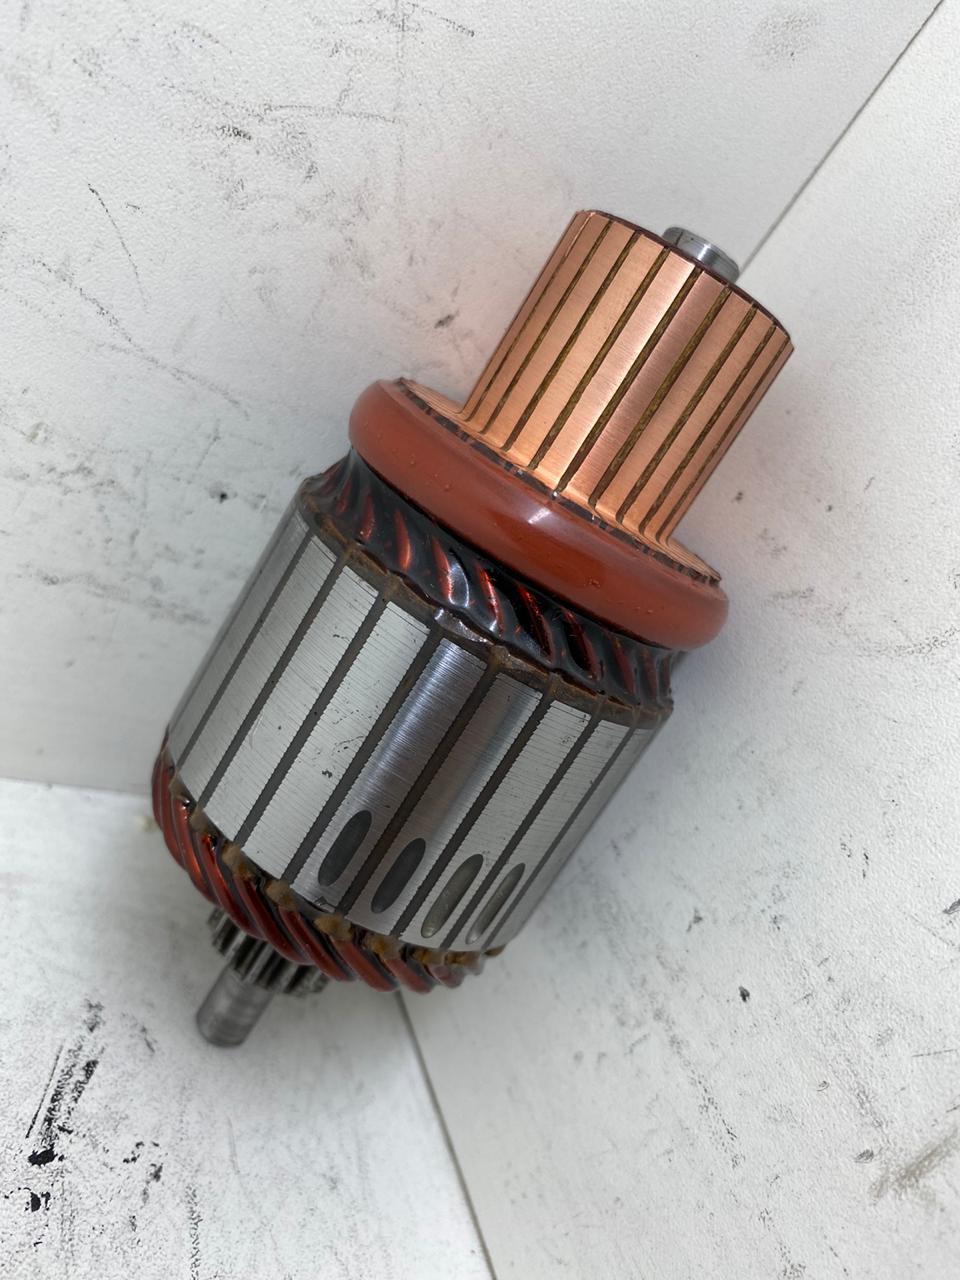 INDUZIDO DO ARRANQUE FIAT TORO Comprimento 121,5 mm Dentes/Estrias 15 Diâmetro da Massa 54 mm Diâmetro do Coletor 30 mm Lâminas 25 Voltagem 12V 4385 AEC4385